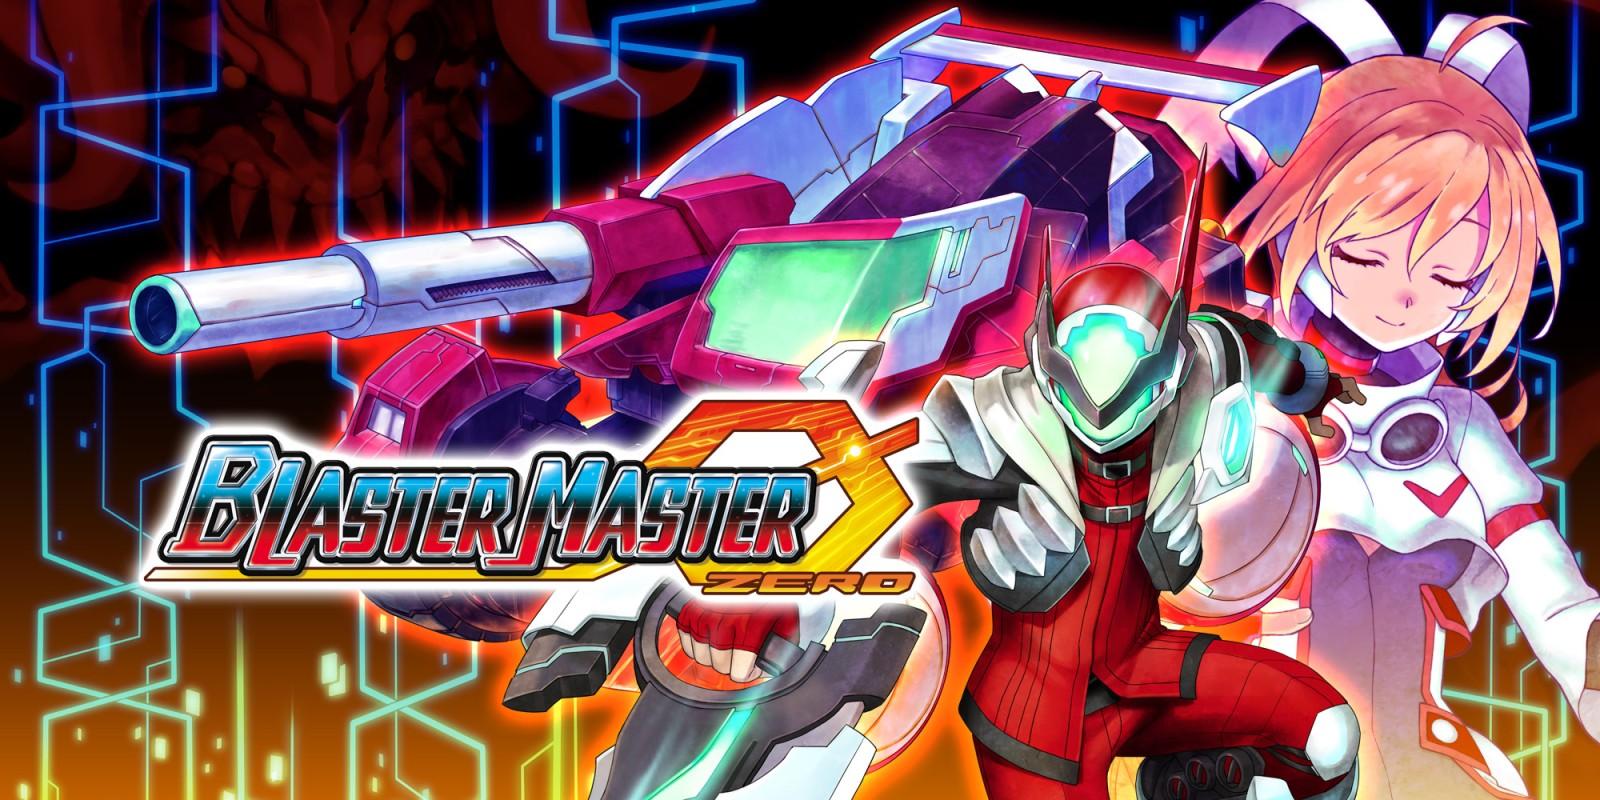 [Switch/3DS] Blaster Master Zero pode ganhar edição física pela Nicalis em breve